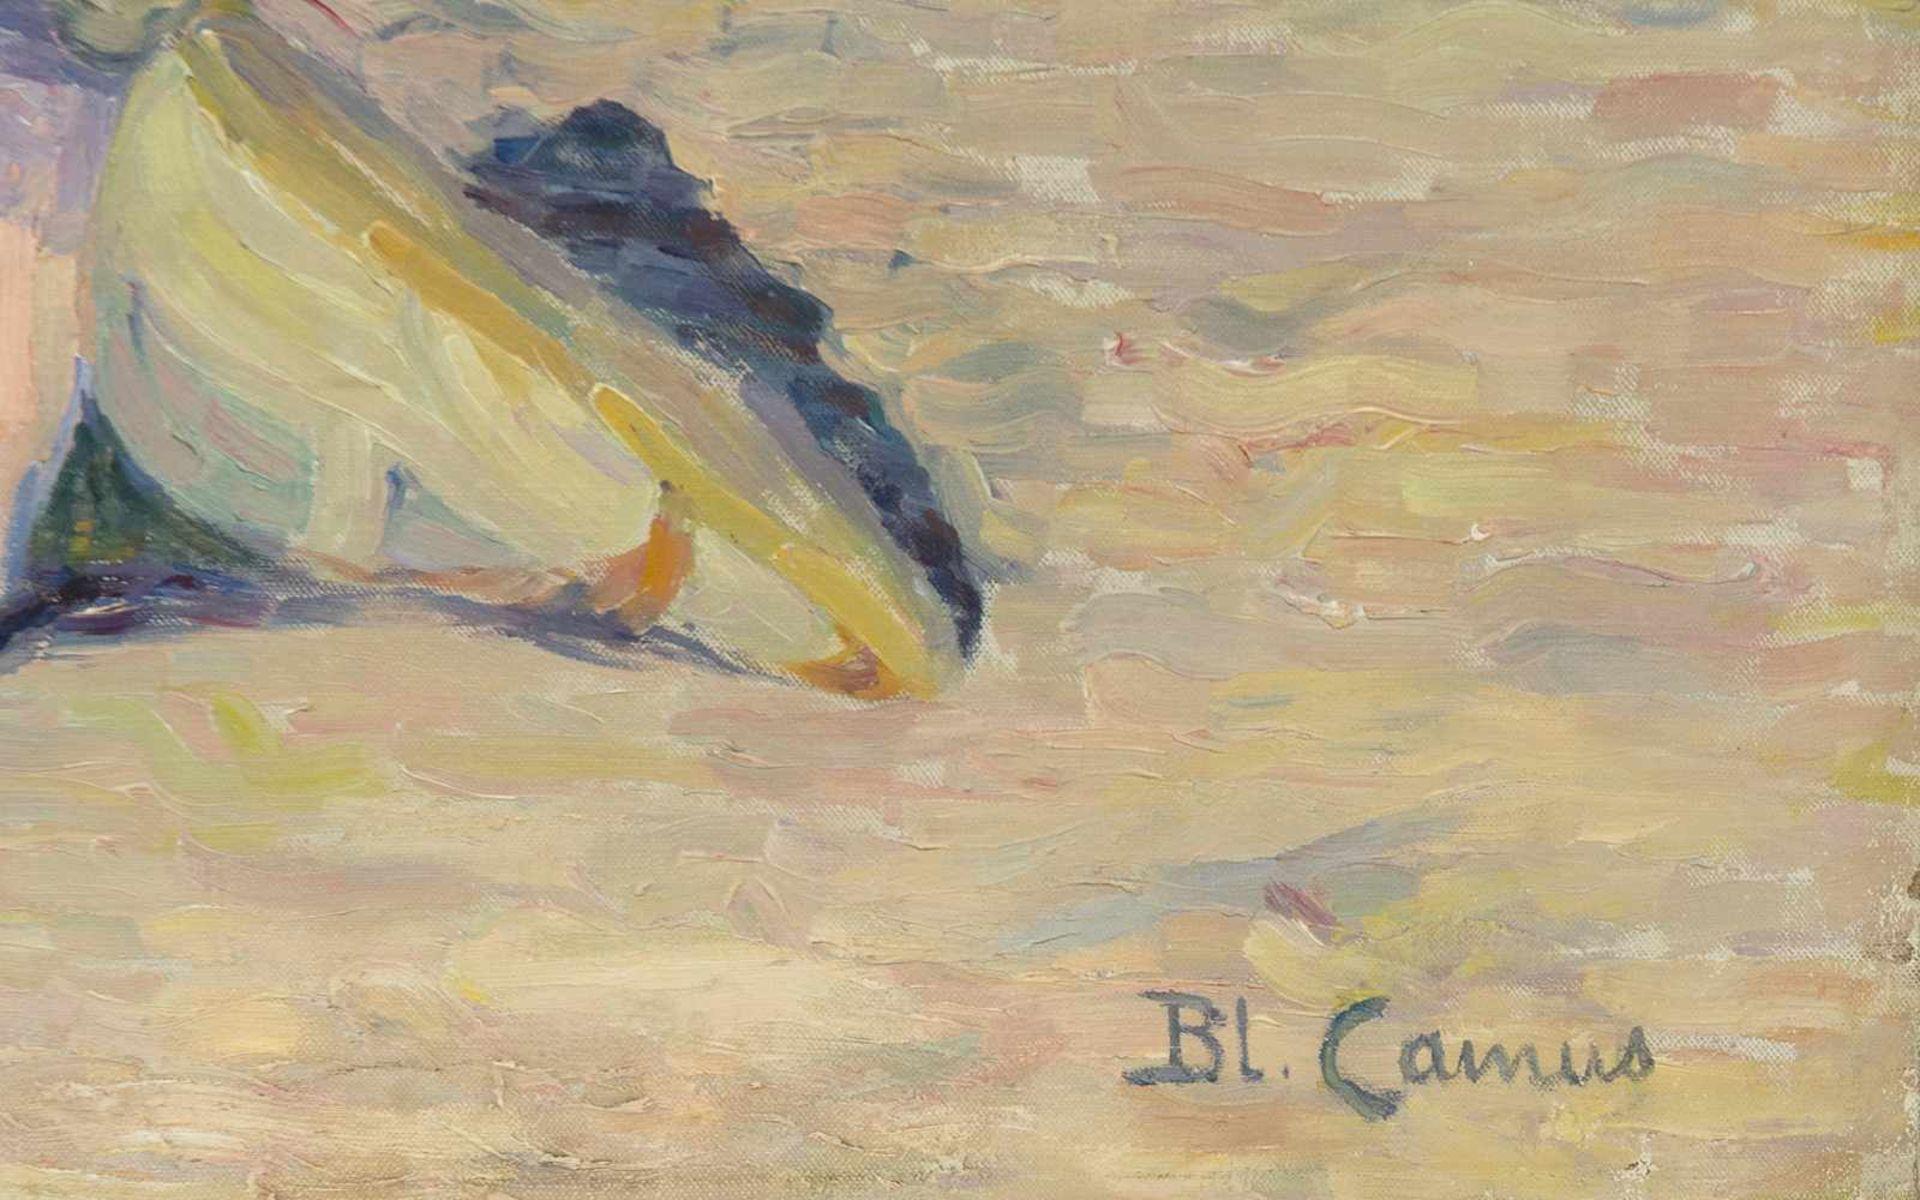 Los 1 - testBlanche Camus (París, 1884 - 1968)